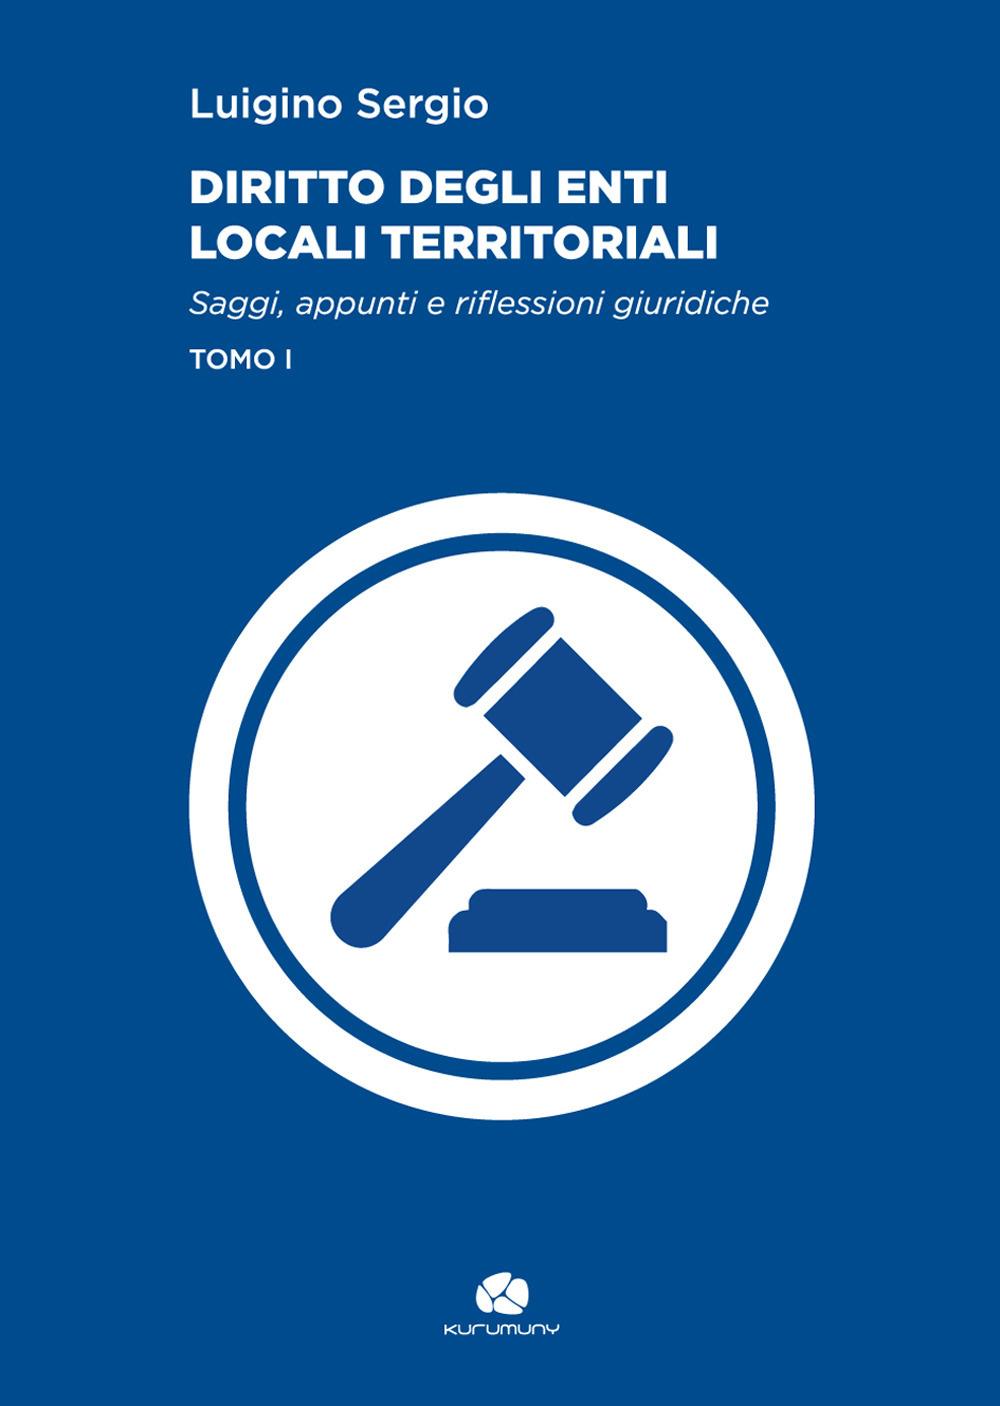 Diritto degli enti locali territoriali. Saggi, appunti e riflessioni giuridiche. Vol. 1